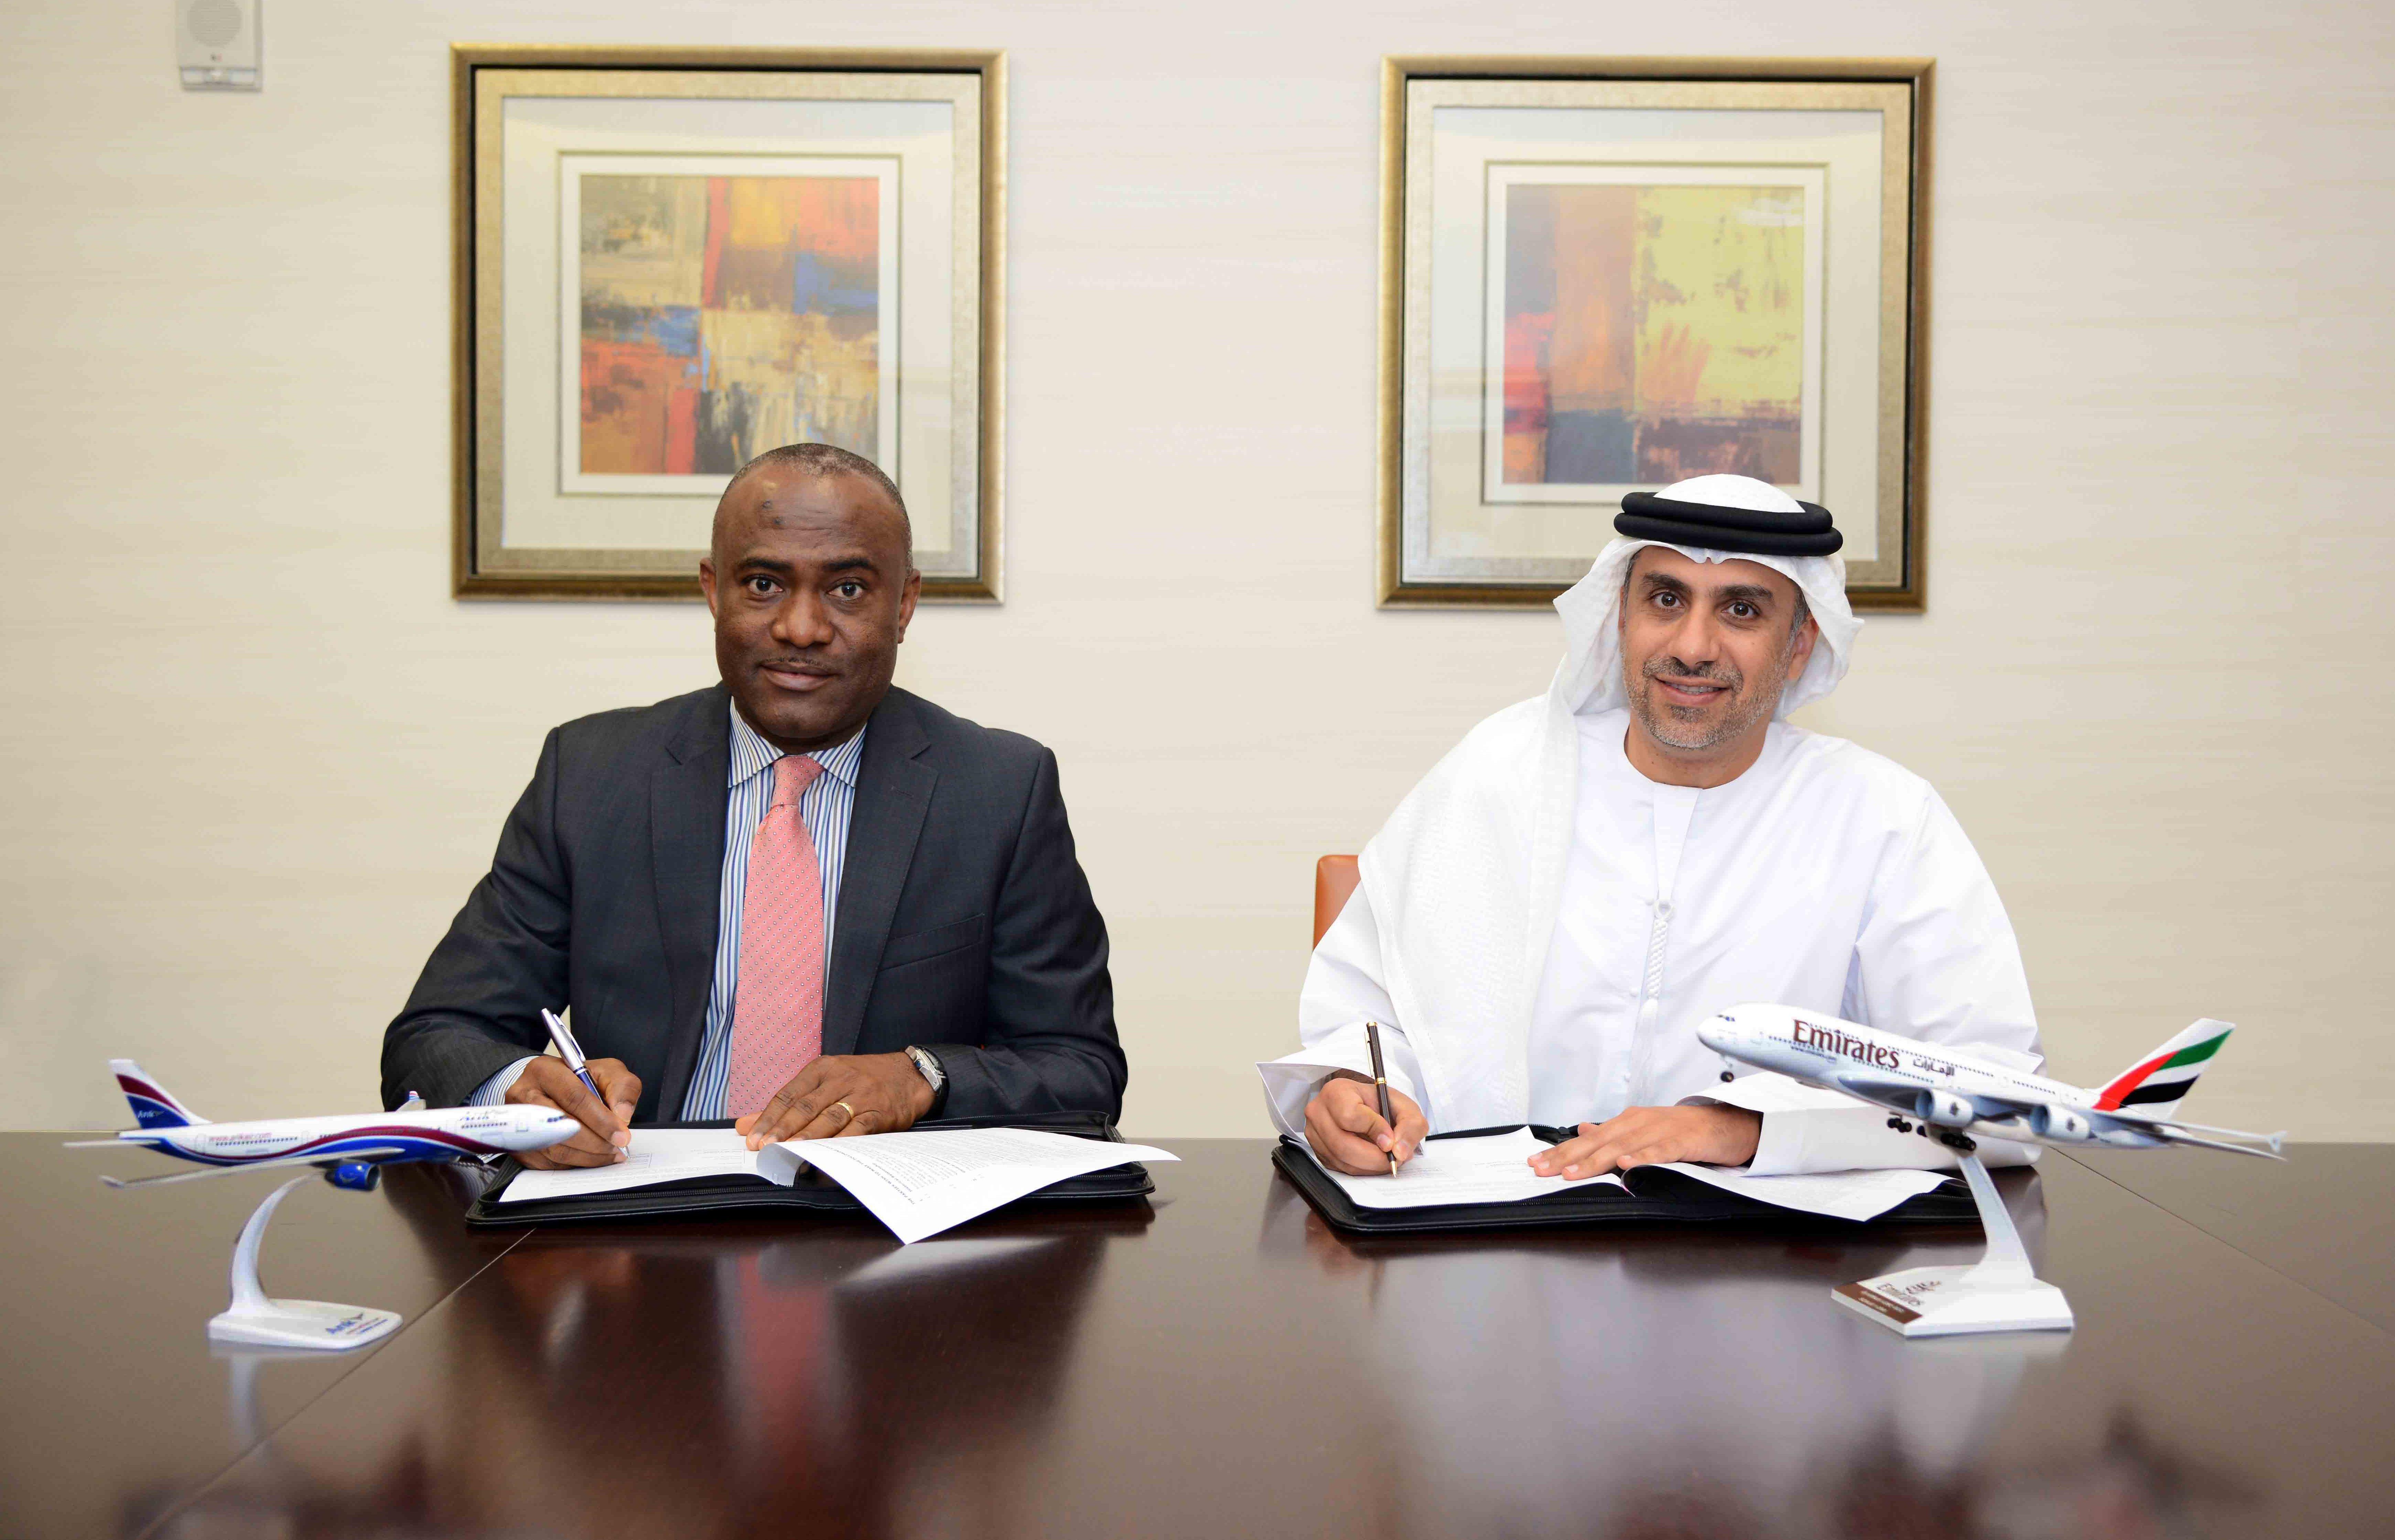 http://s3-eu-west-1.amazonaws.com/storage.prezly.com/1b/e404a02dbb11e49dd0817943e9f7e0/Arik-Air-and-Emirates-MoU-signing.jpg